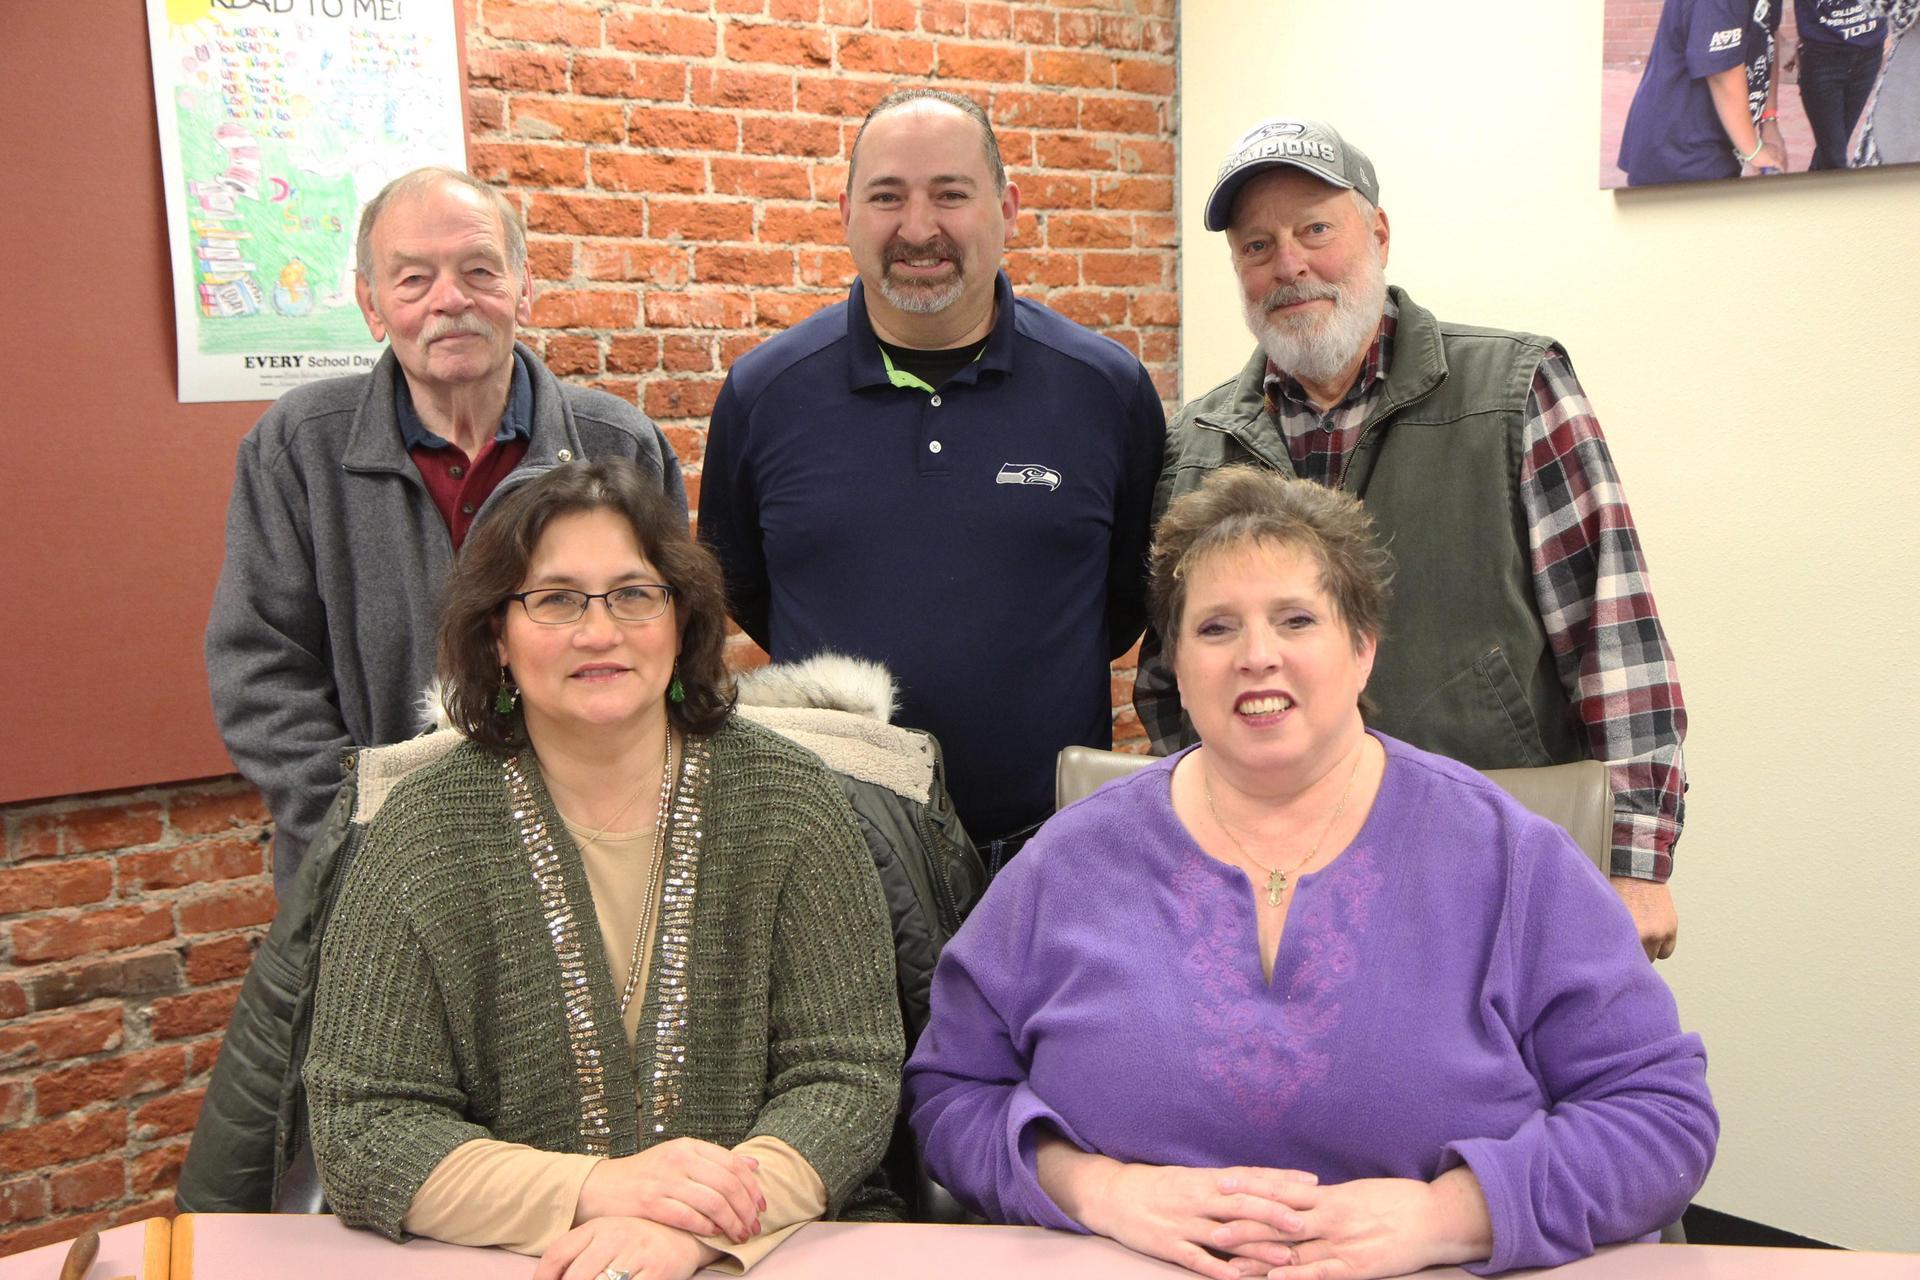 members of the Wapato School Board